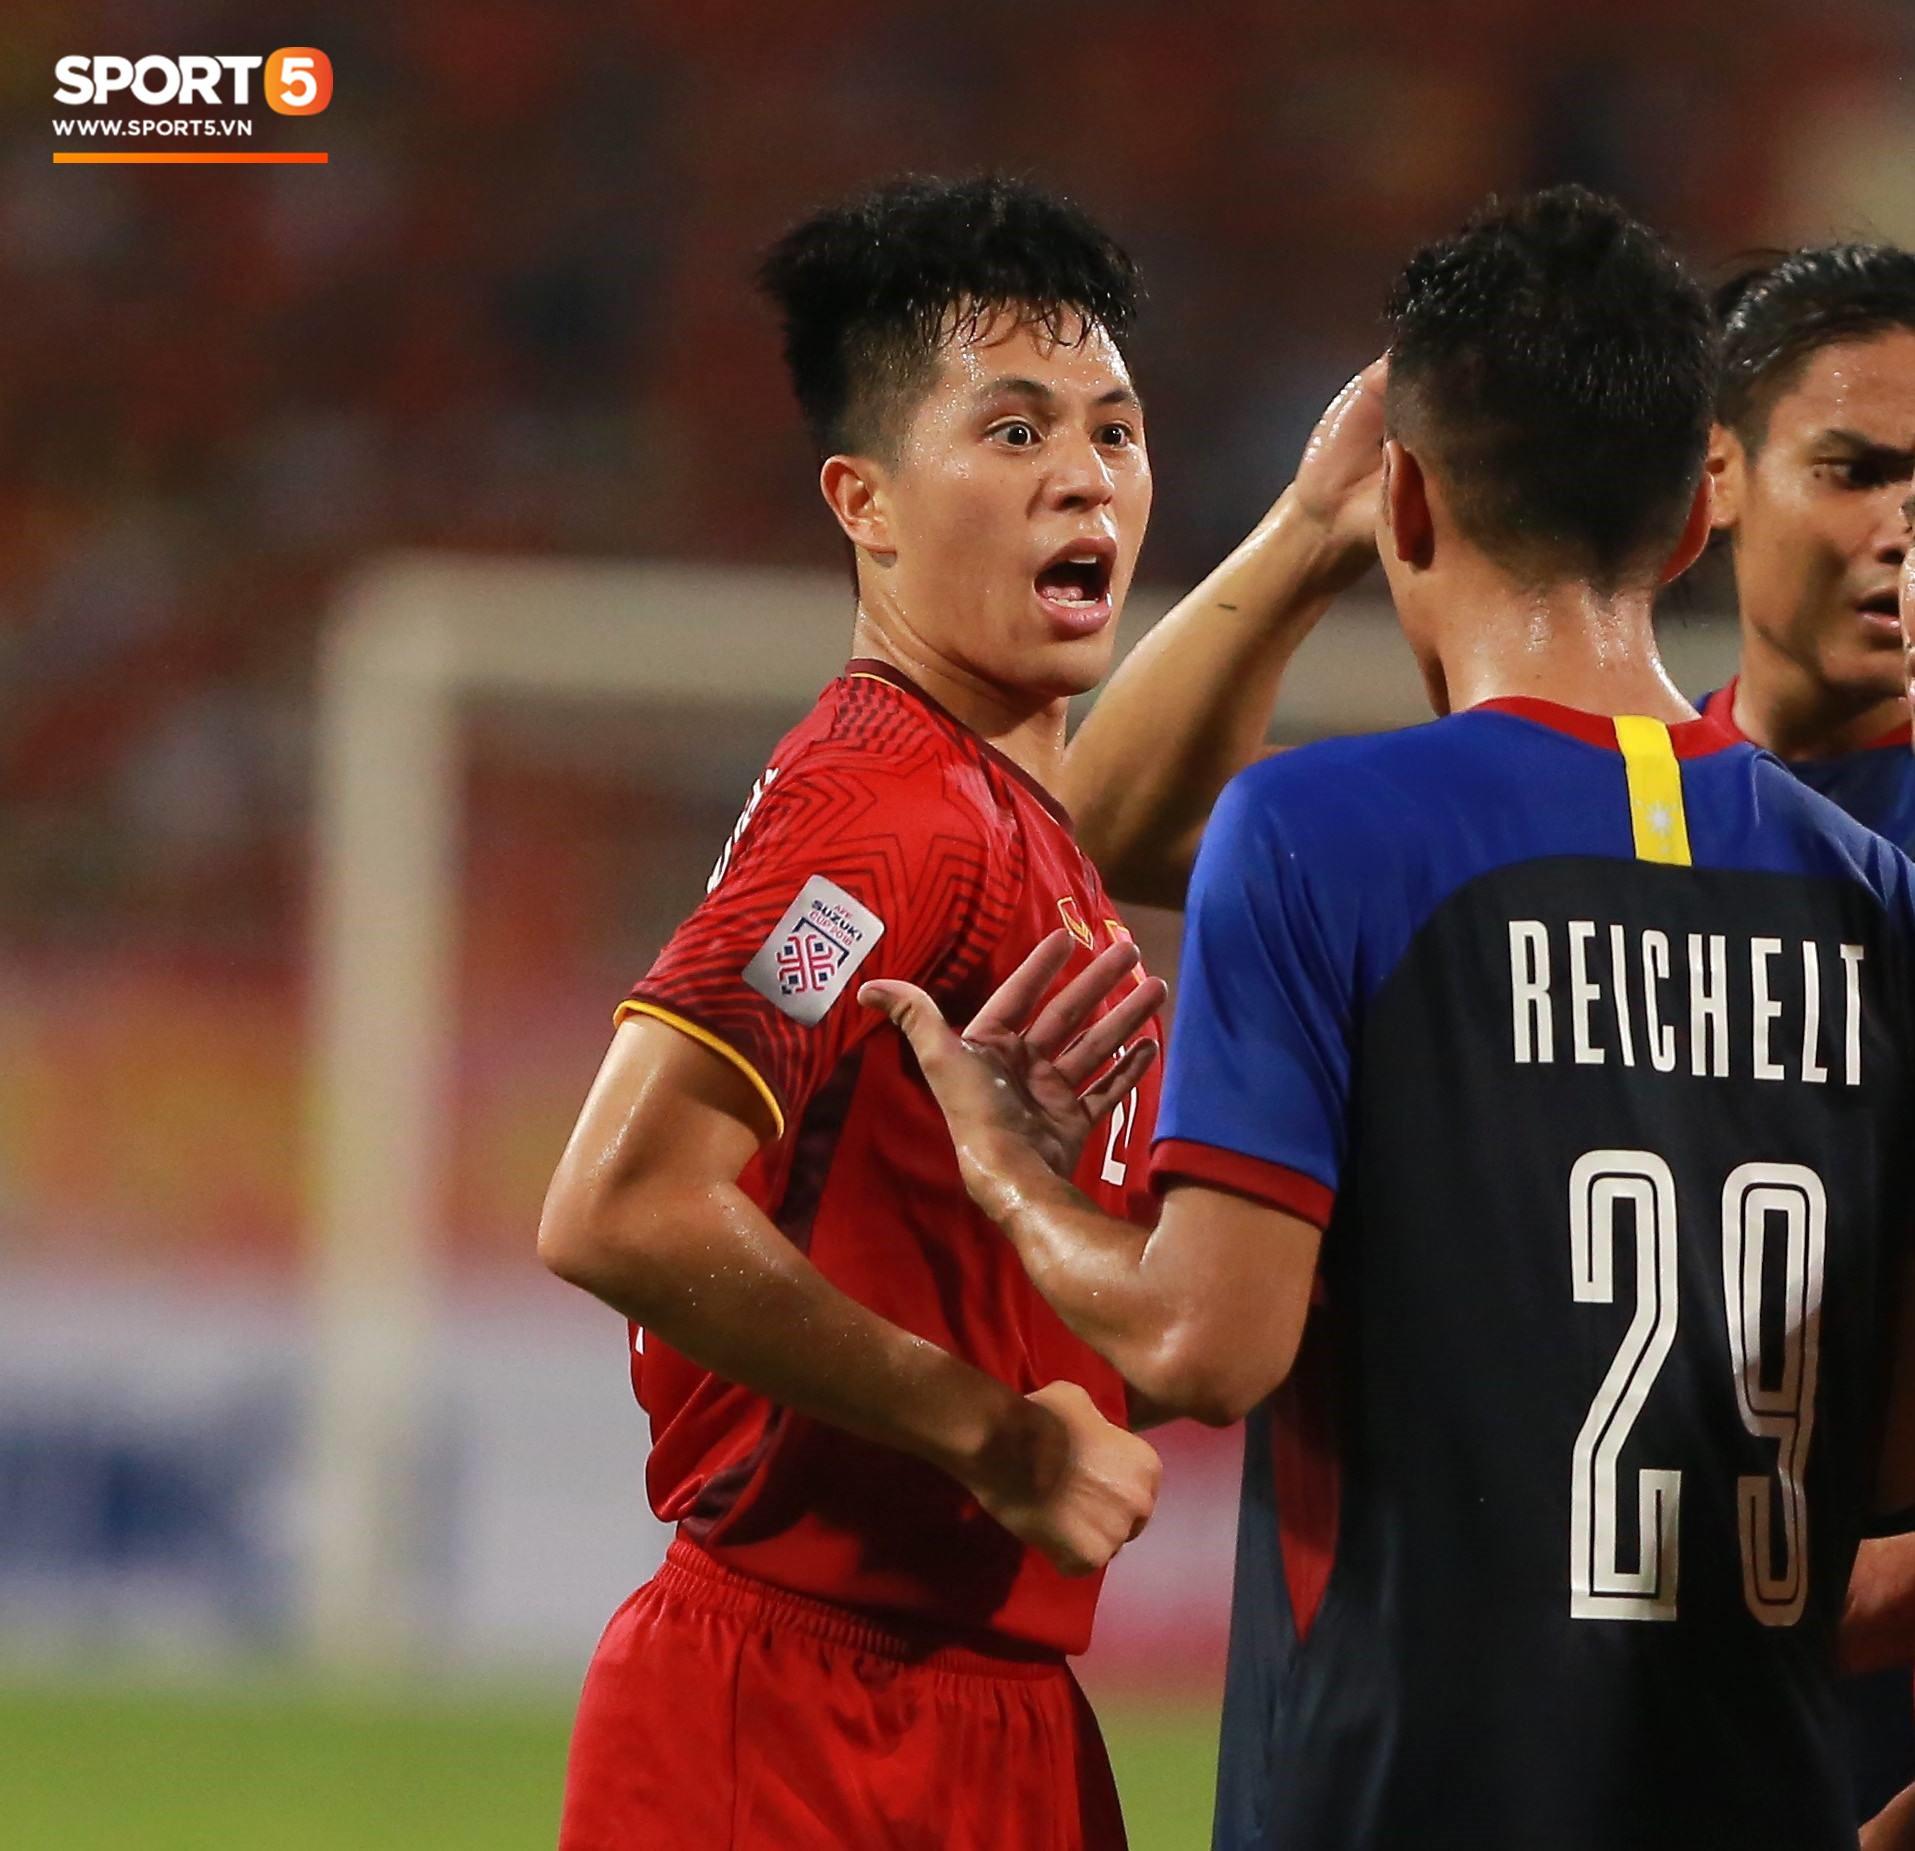 Trọng gắt chỉ thẳng mặt cầu thủ Philippines chơi xấu, bảo vệ em út Văn Hậu